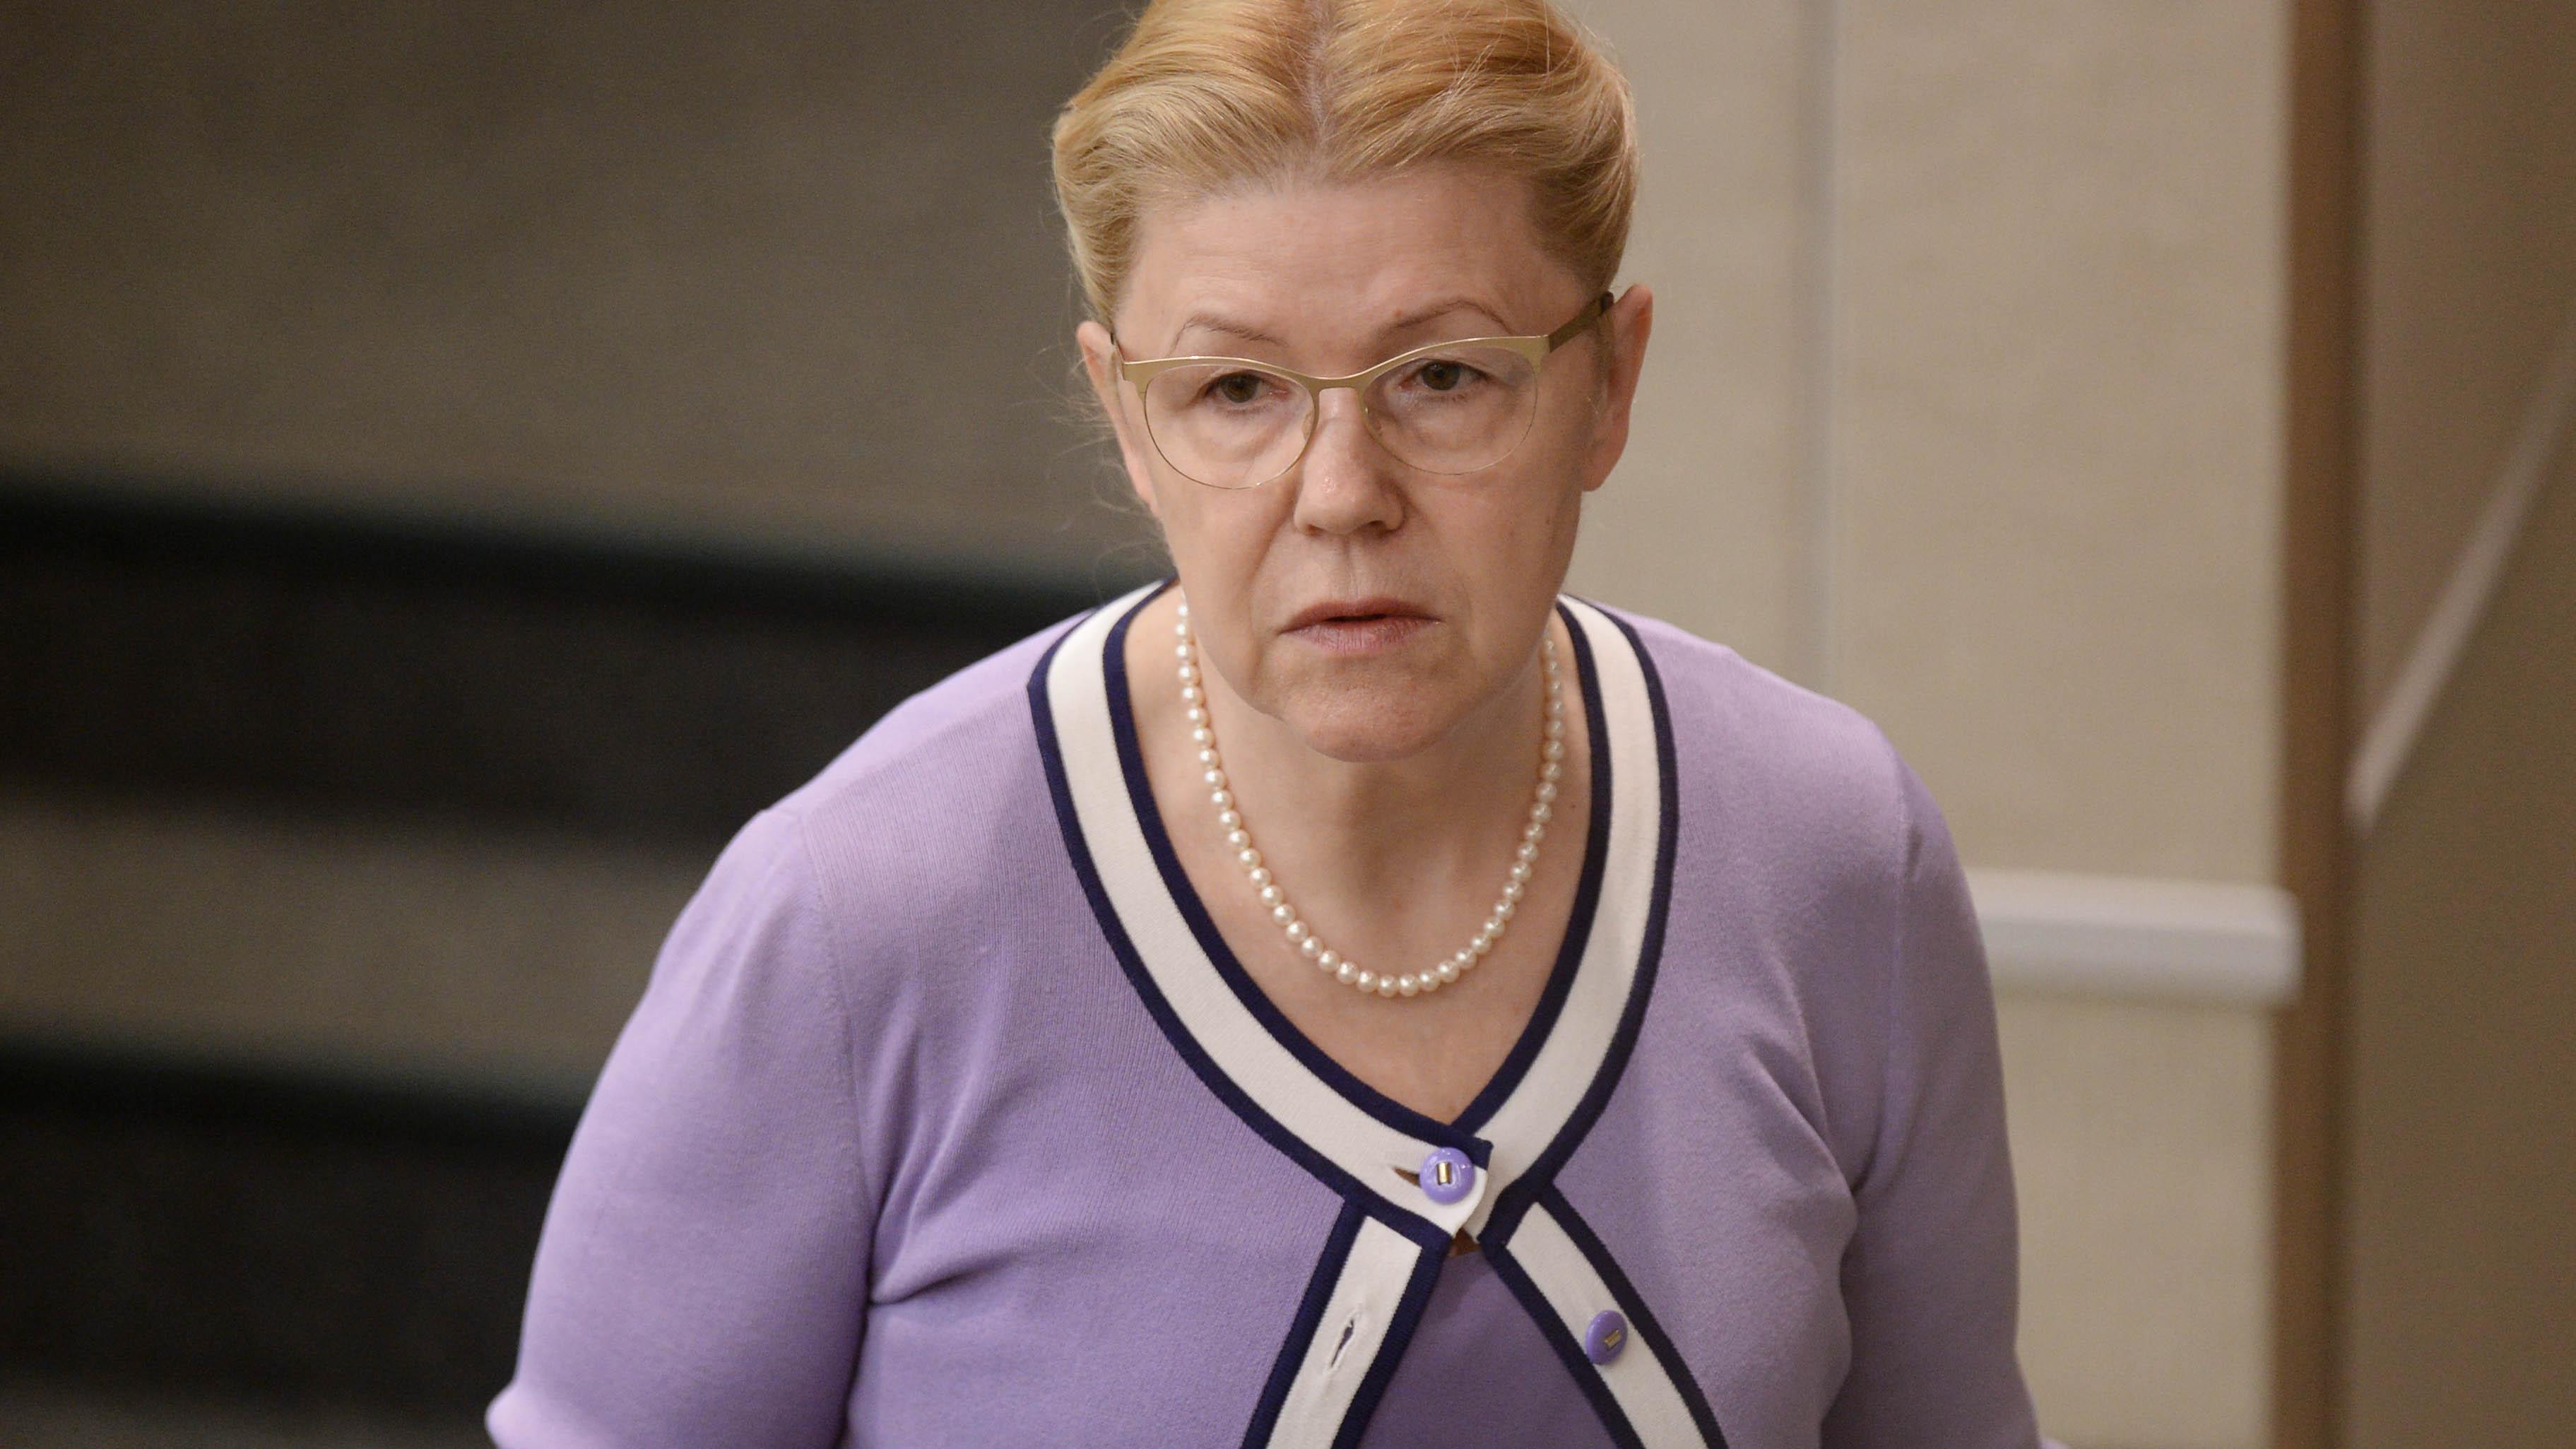 Елена Мизулина. Фото: Григорий Сысоев/РИА Новости